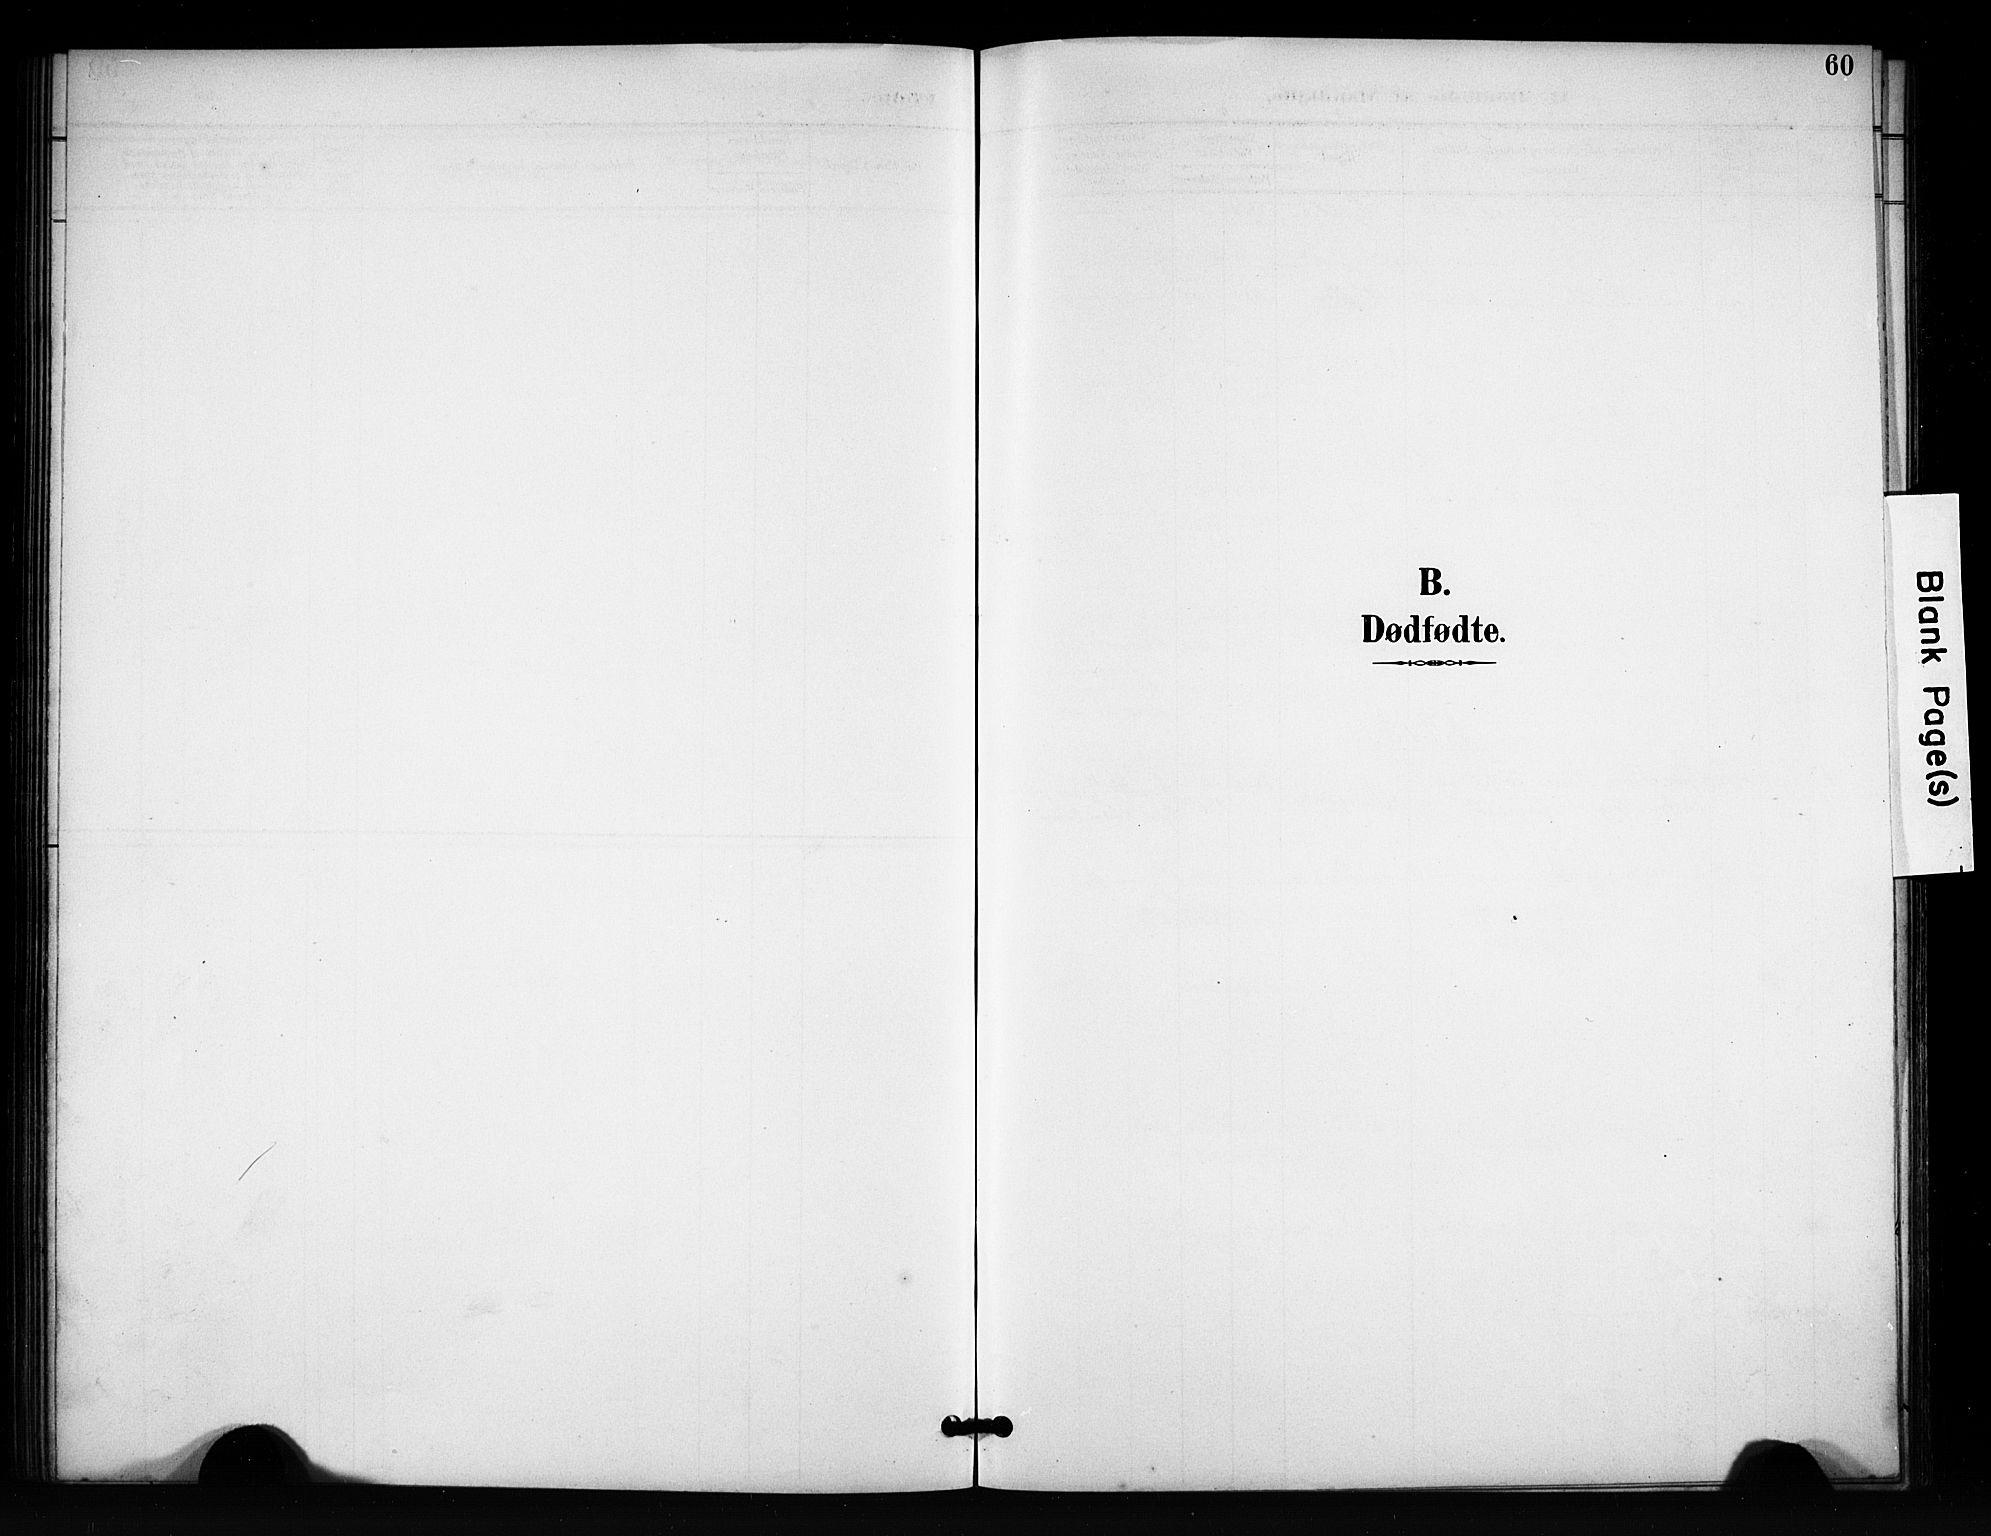 SAH, Vang prestekontor, Valdres, Klokkerbok nr. 7, 1893-1924, s. 60